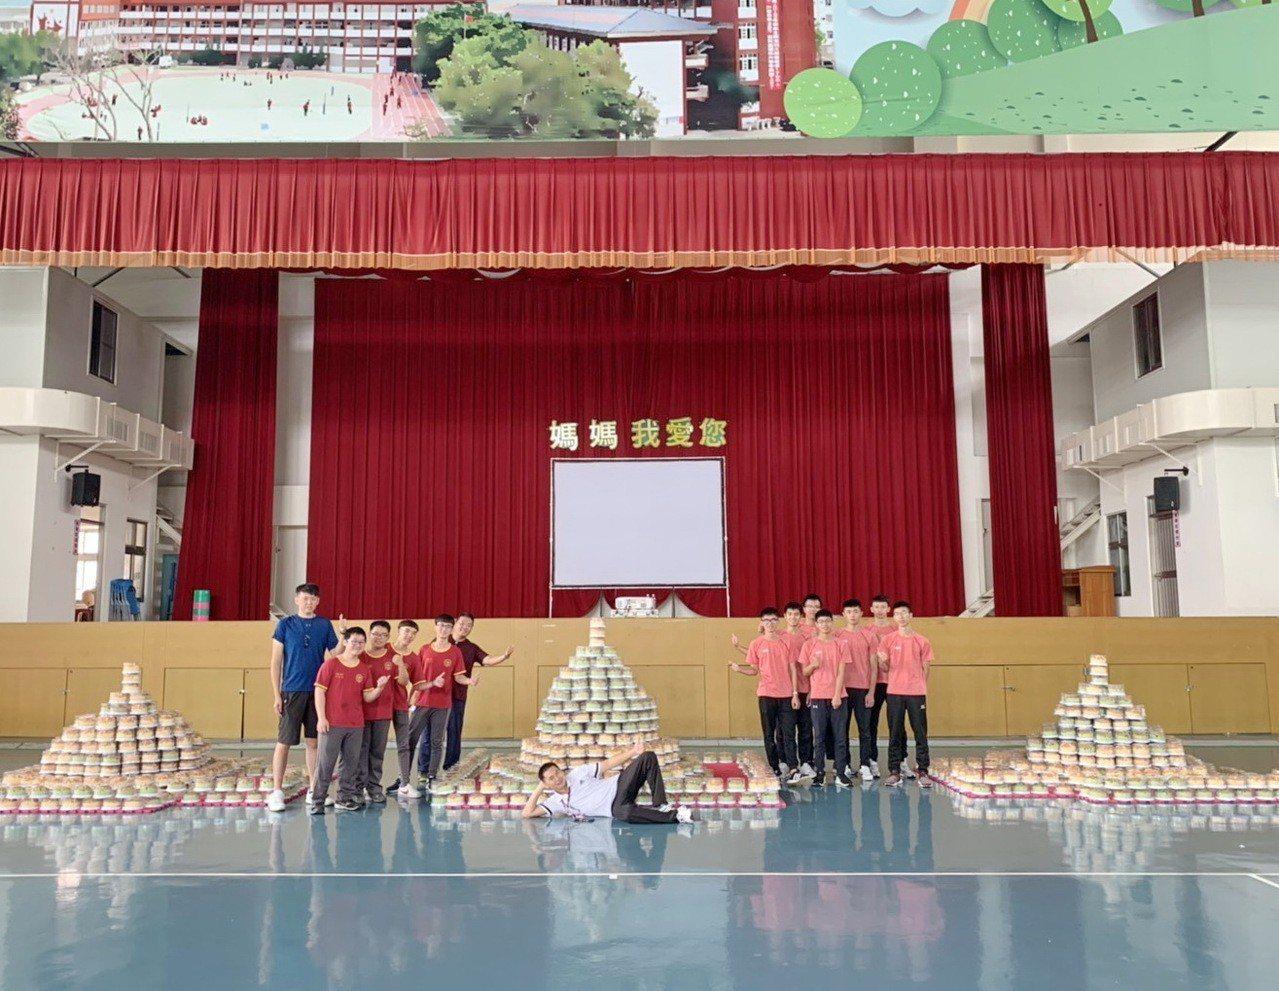 大成商工兩千名學生把學校送的蛋糕,堆成三座愛心蛋糕塔,有人拍照留影,把大蛋糕傳回...